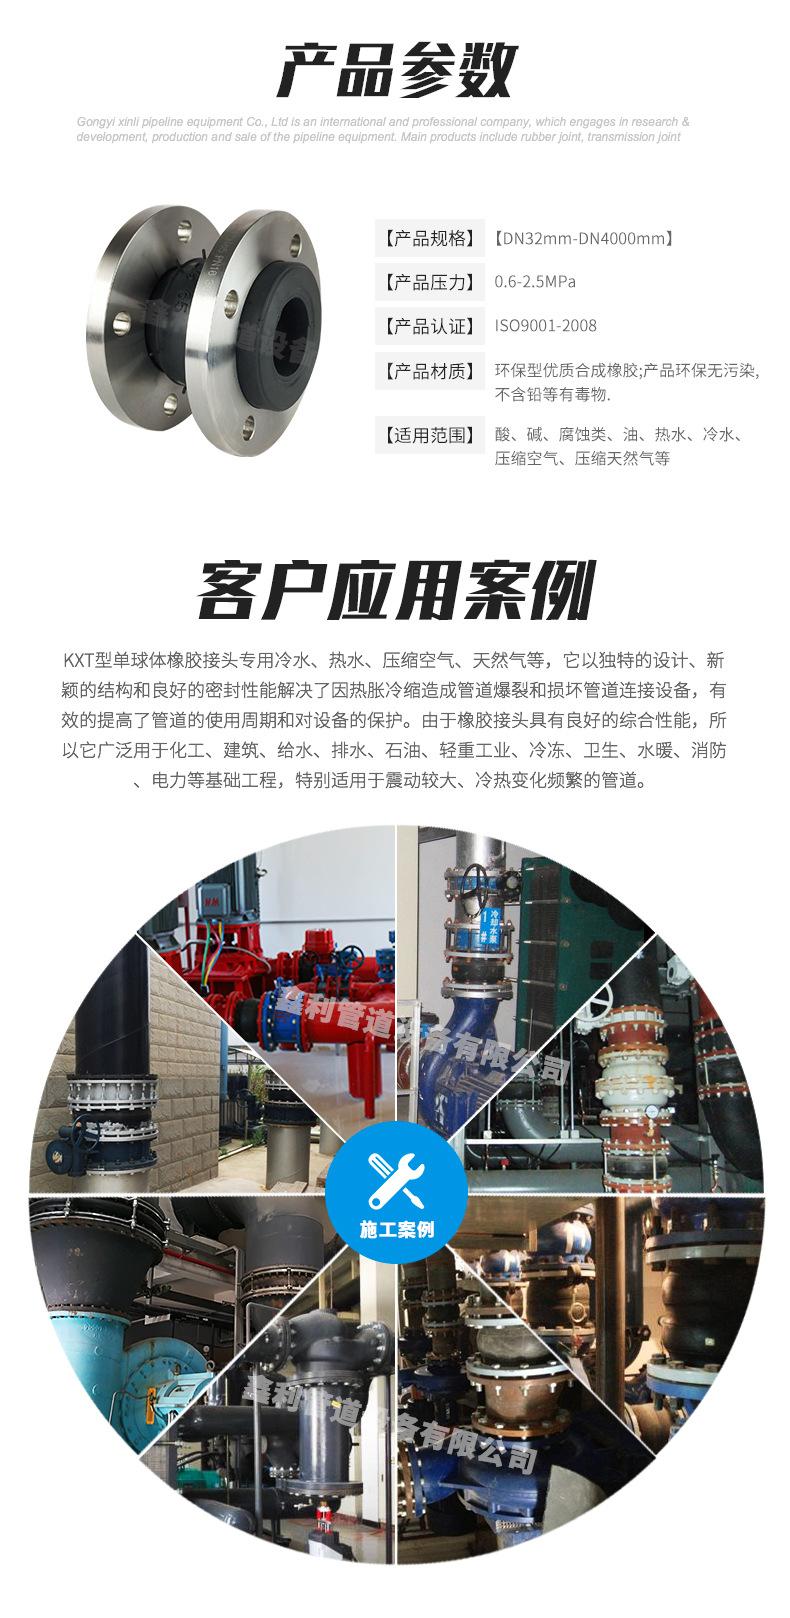 关于橡胶接头连接方式的叙述